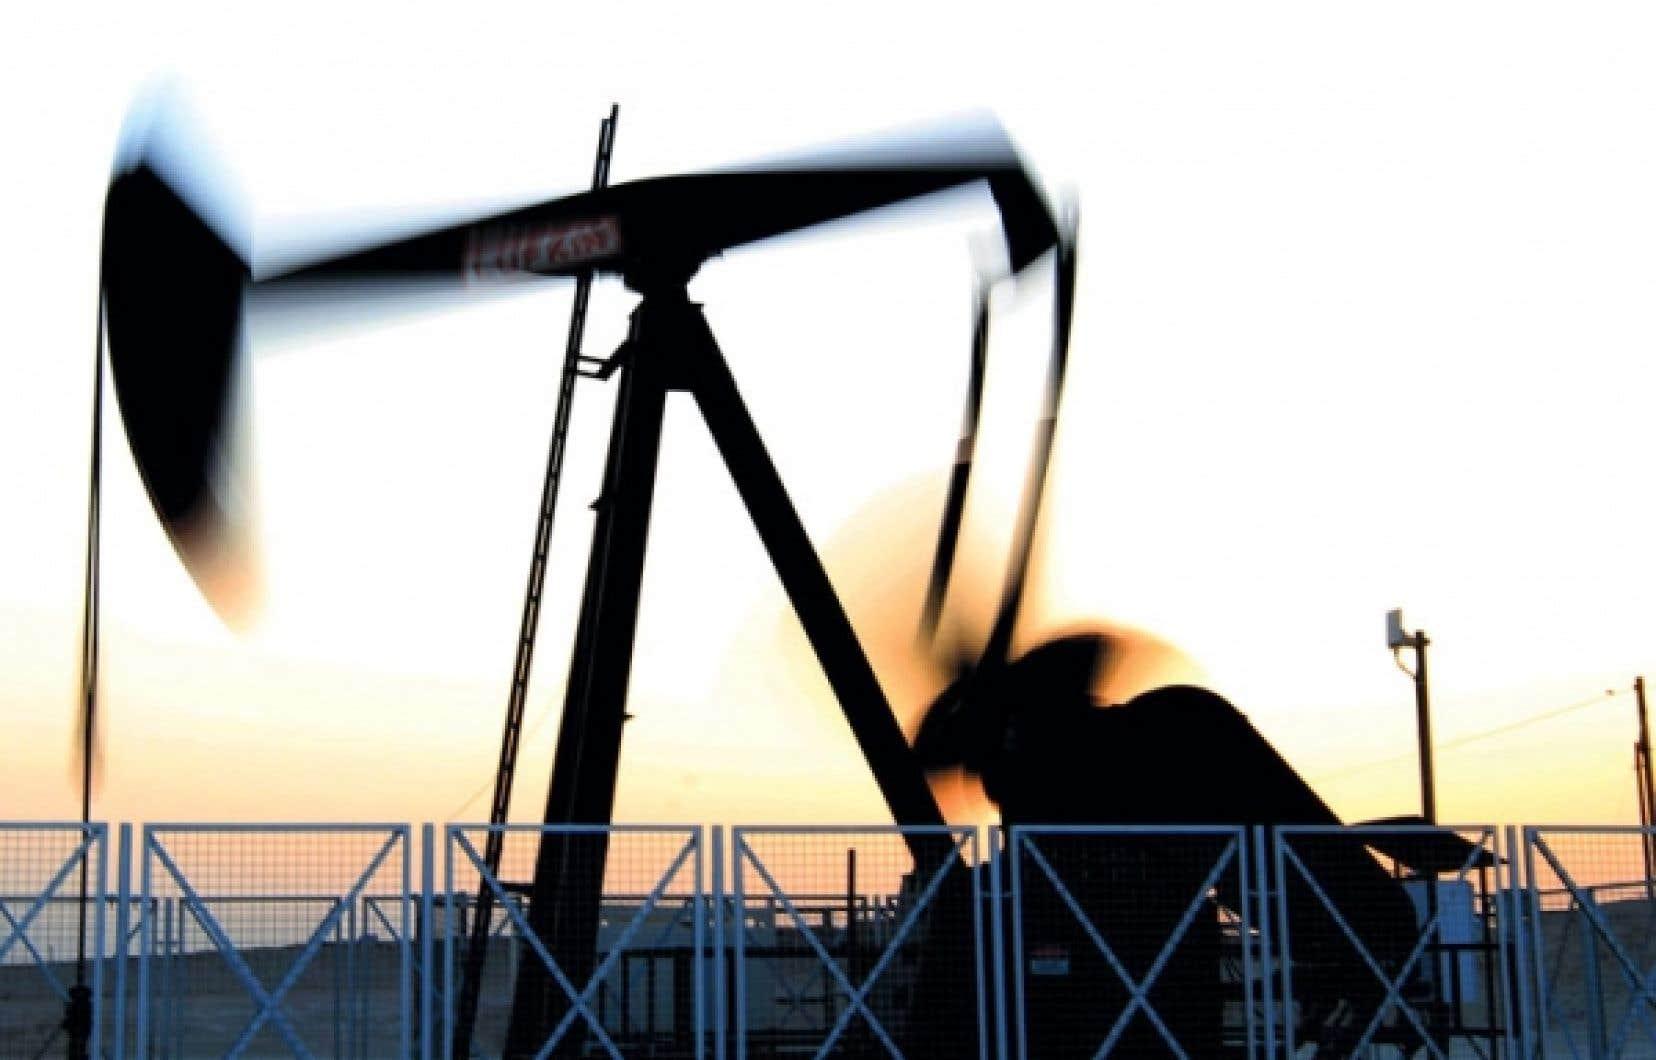 <div> L'Agence internationale de l'Énergie n'identifie pas de risques précis pour les prochains mois, mais mentionne les tensions autour de l'Iran qui ont contribué à maintenir les prix à un niveau élevé.</div>